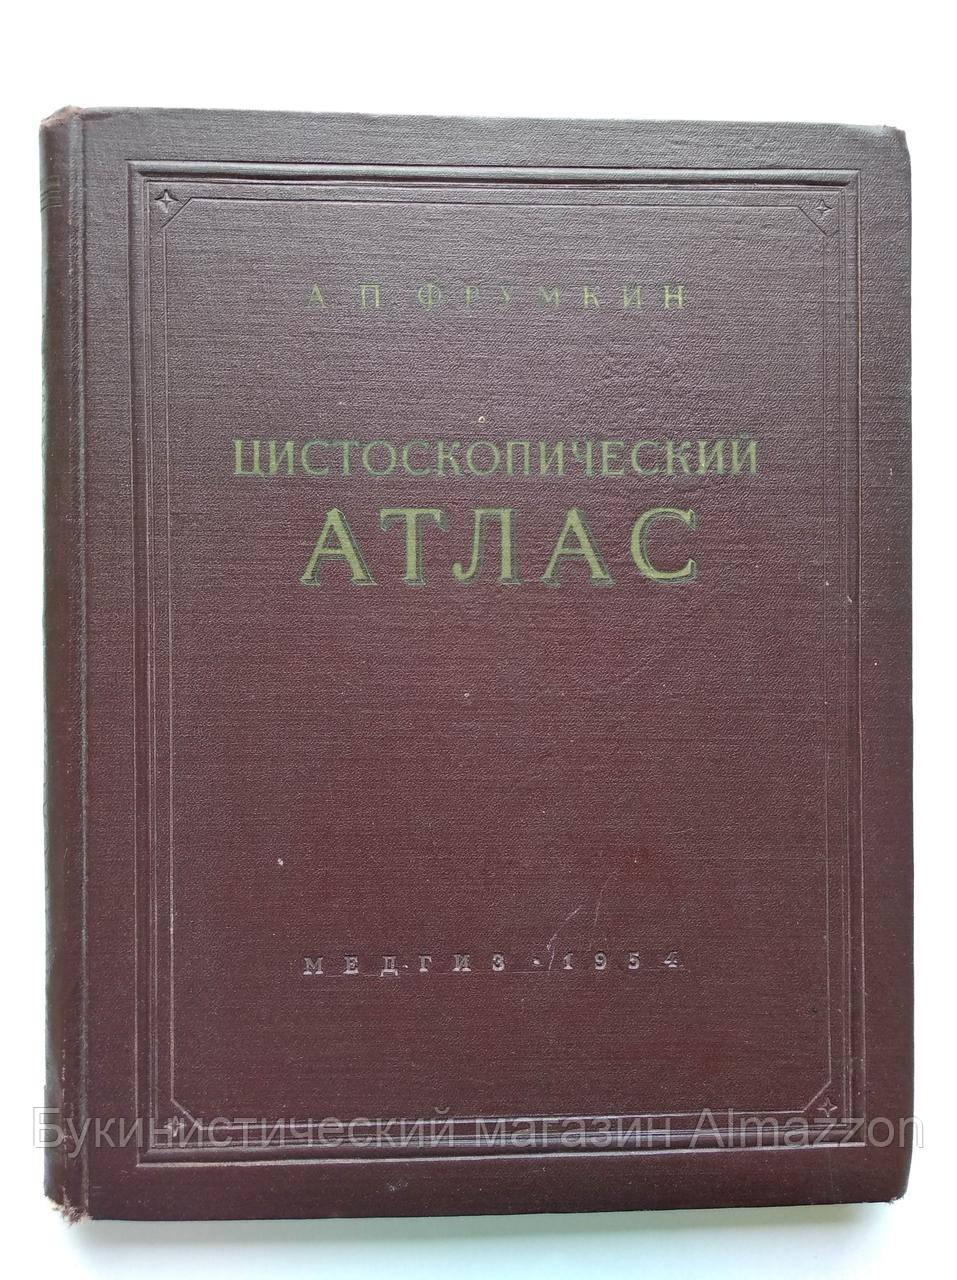 Цистоскопический атлас А.Фрумкин 1954 год